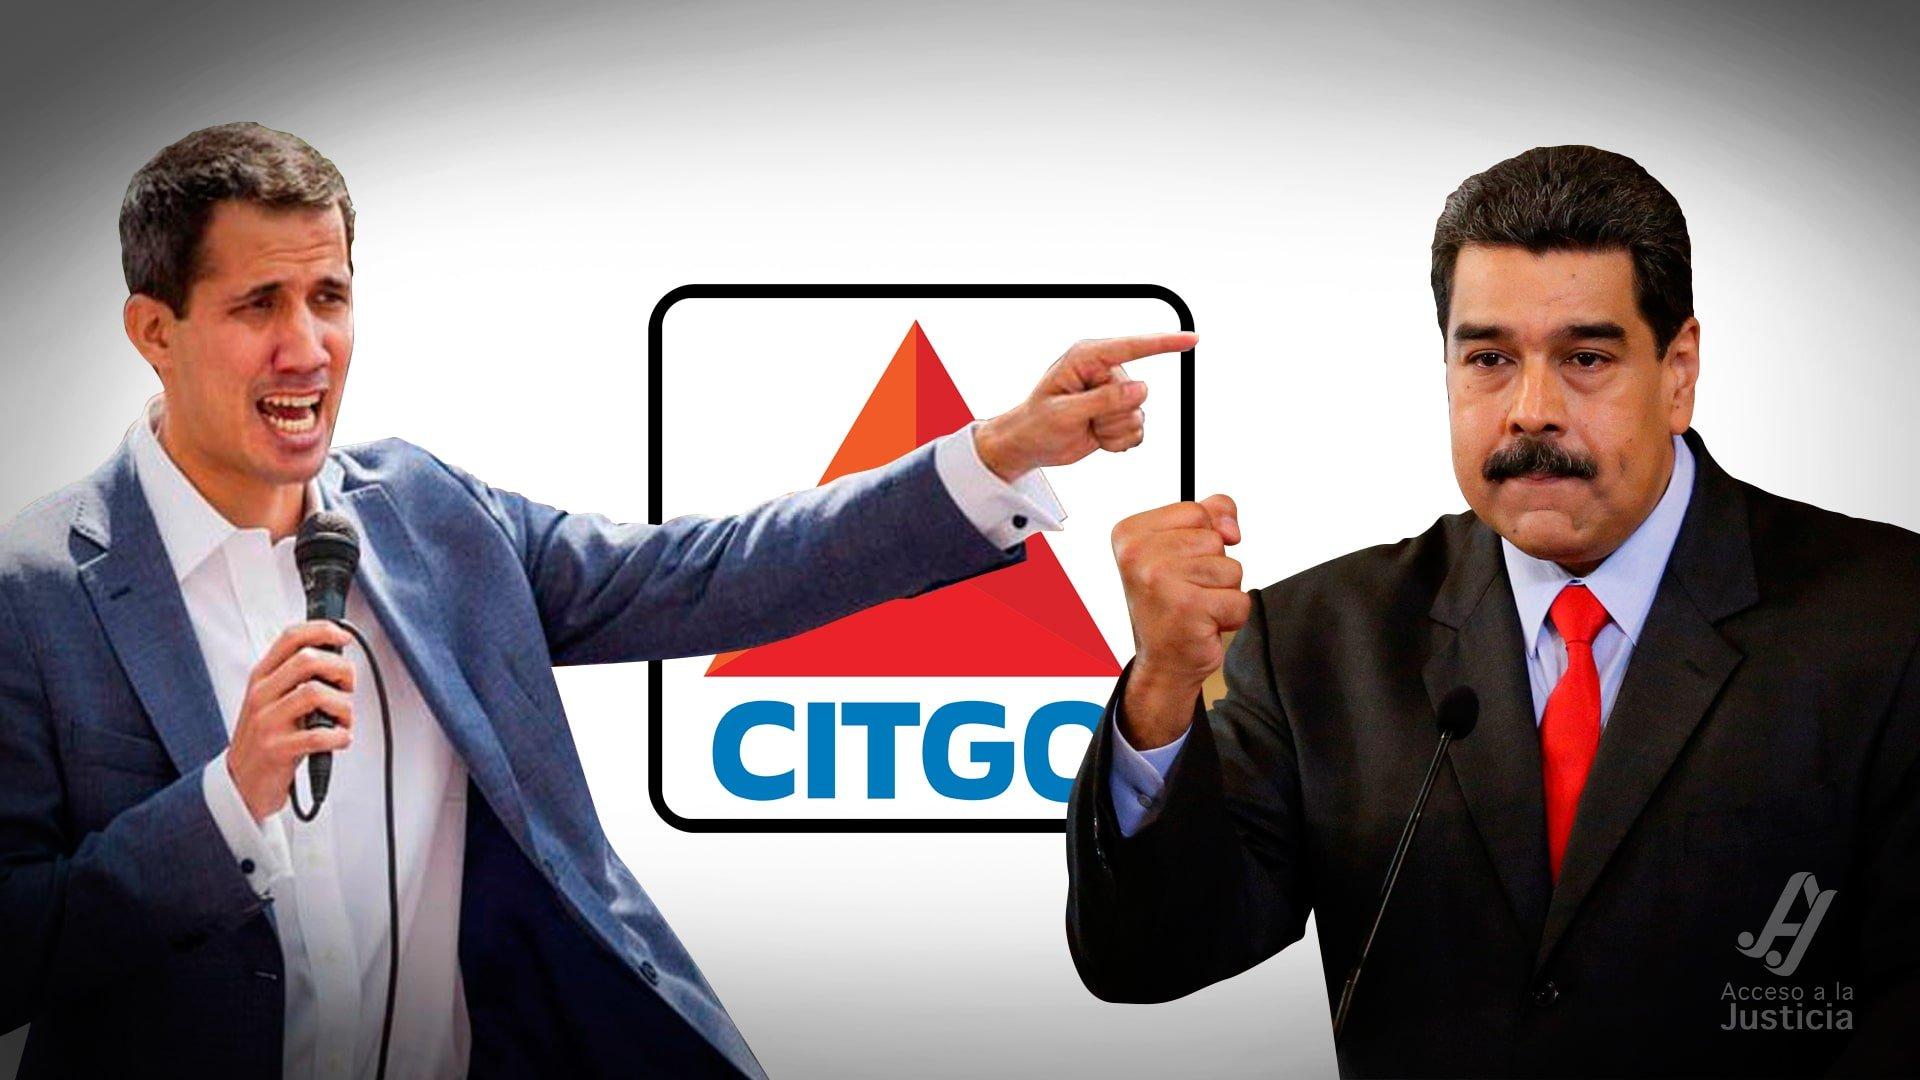 ¿Quién dirige Citgo?